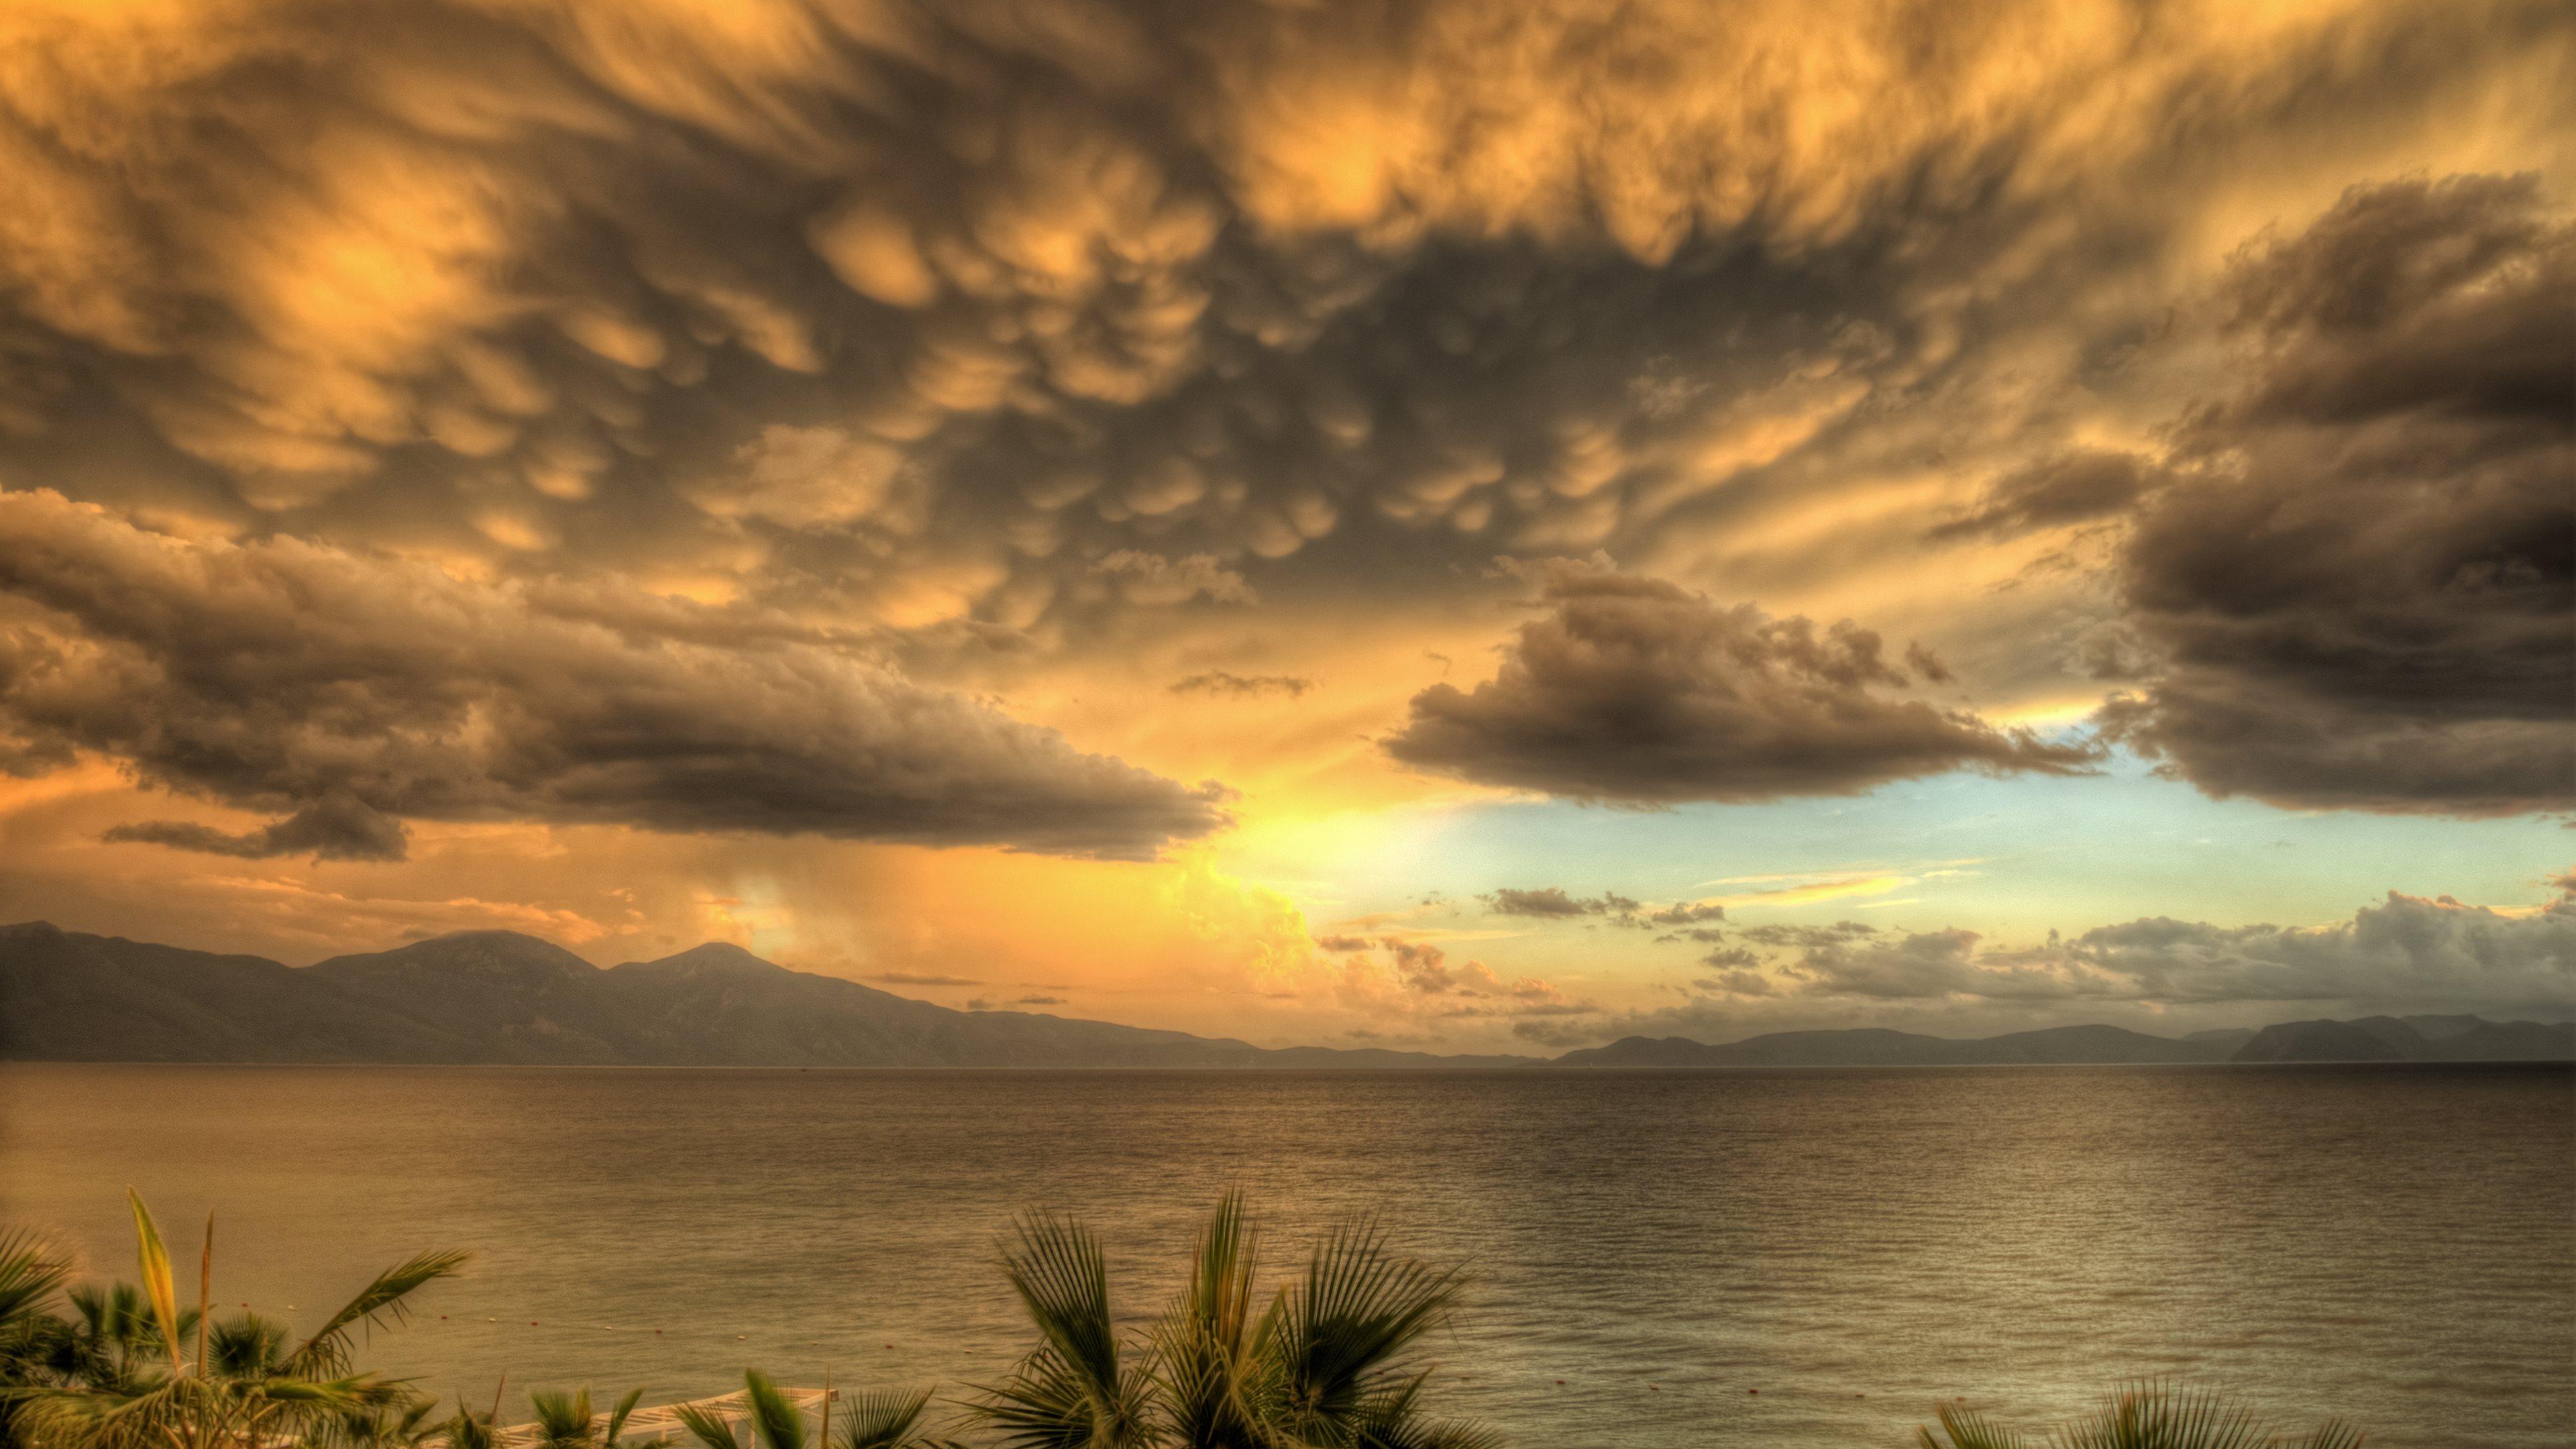 Storm Clouds Wallpaper - WallpaperSafari